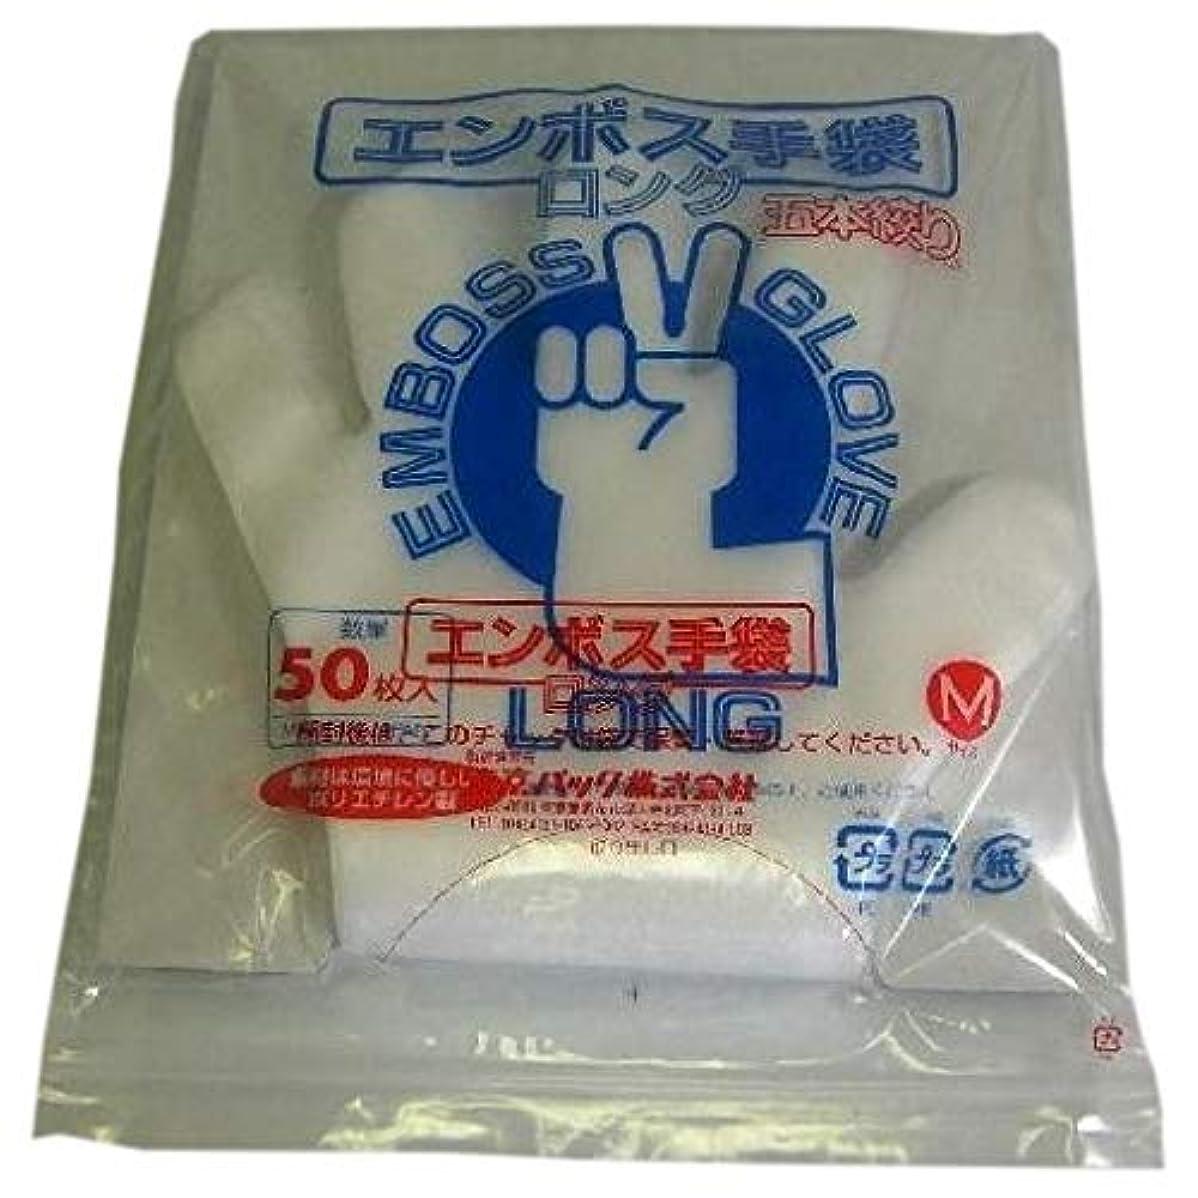 組み合わせボンド羨望エンボス手袋ロング 5本絞り ナチュラル M 50枚入x10袋入り